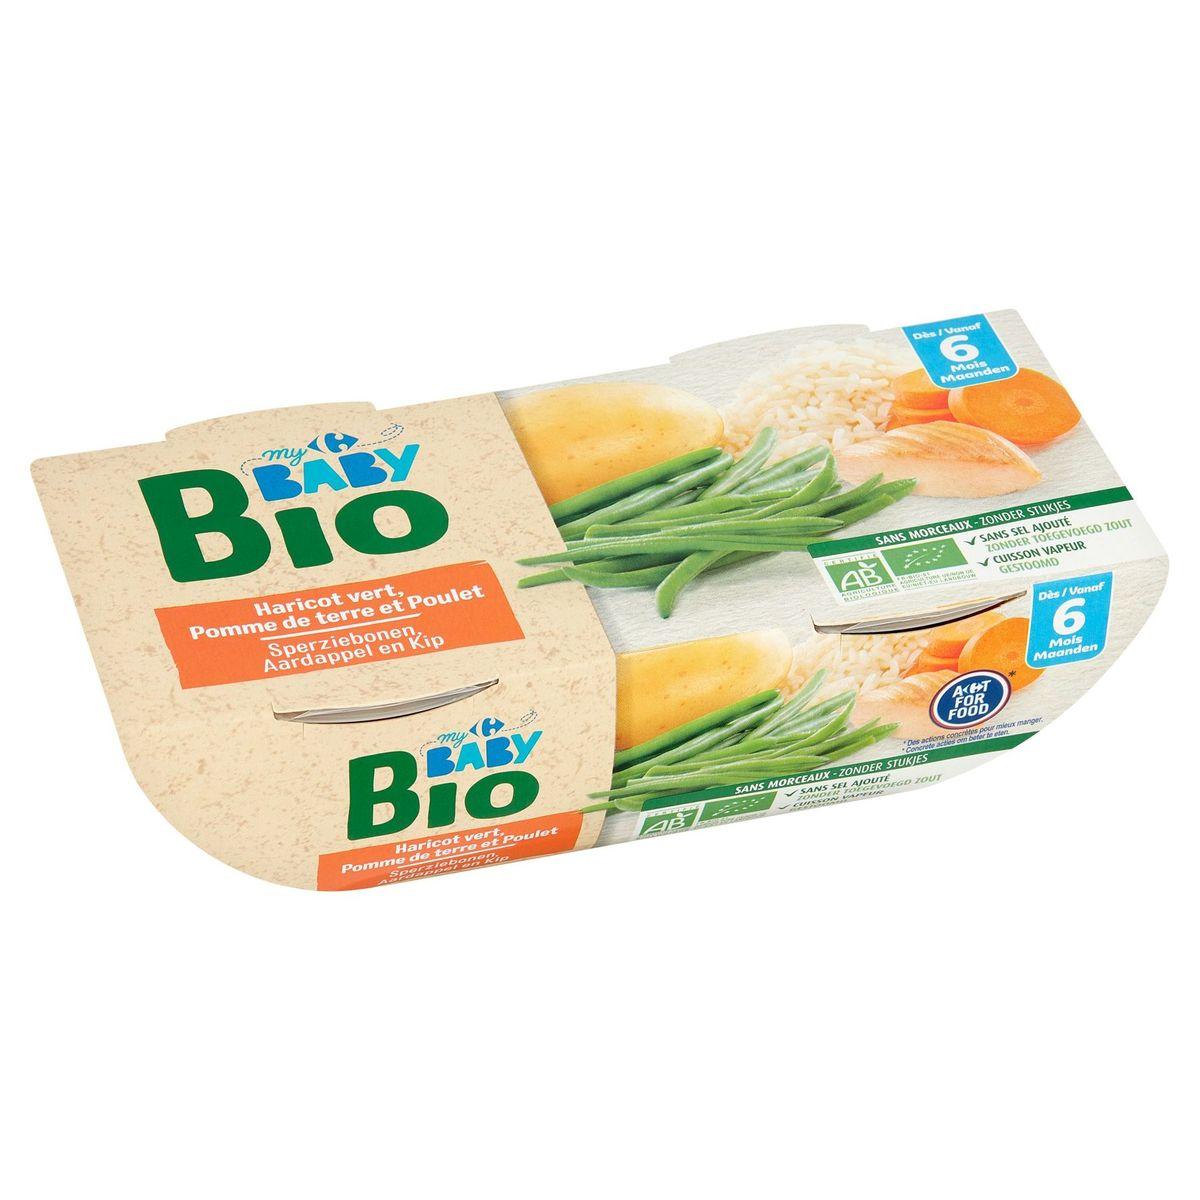 Carrefour Baby Bio Haricot Vert, Pomme de Terre et Poulet 6M+ 2x200 g